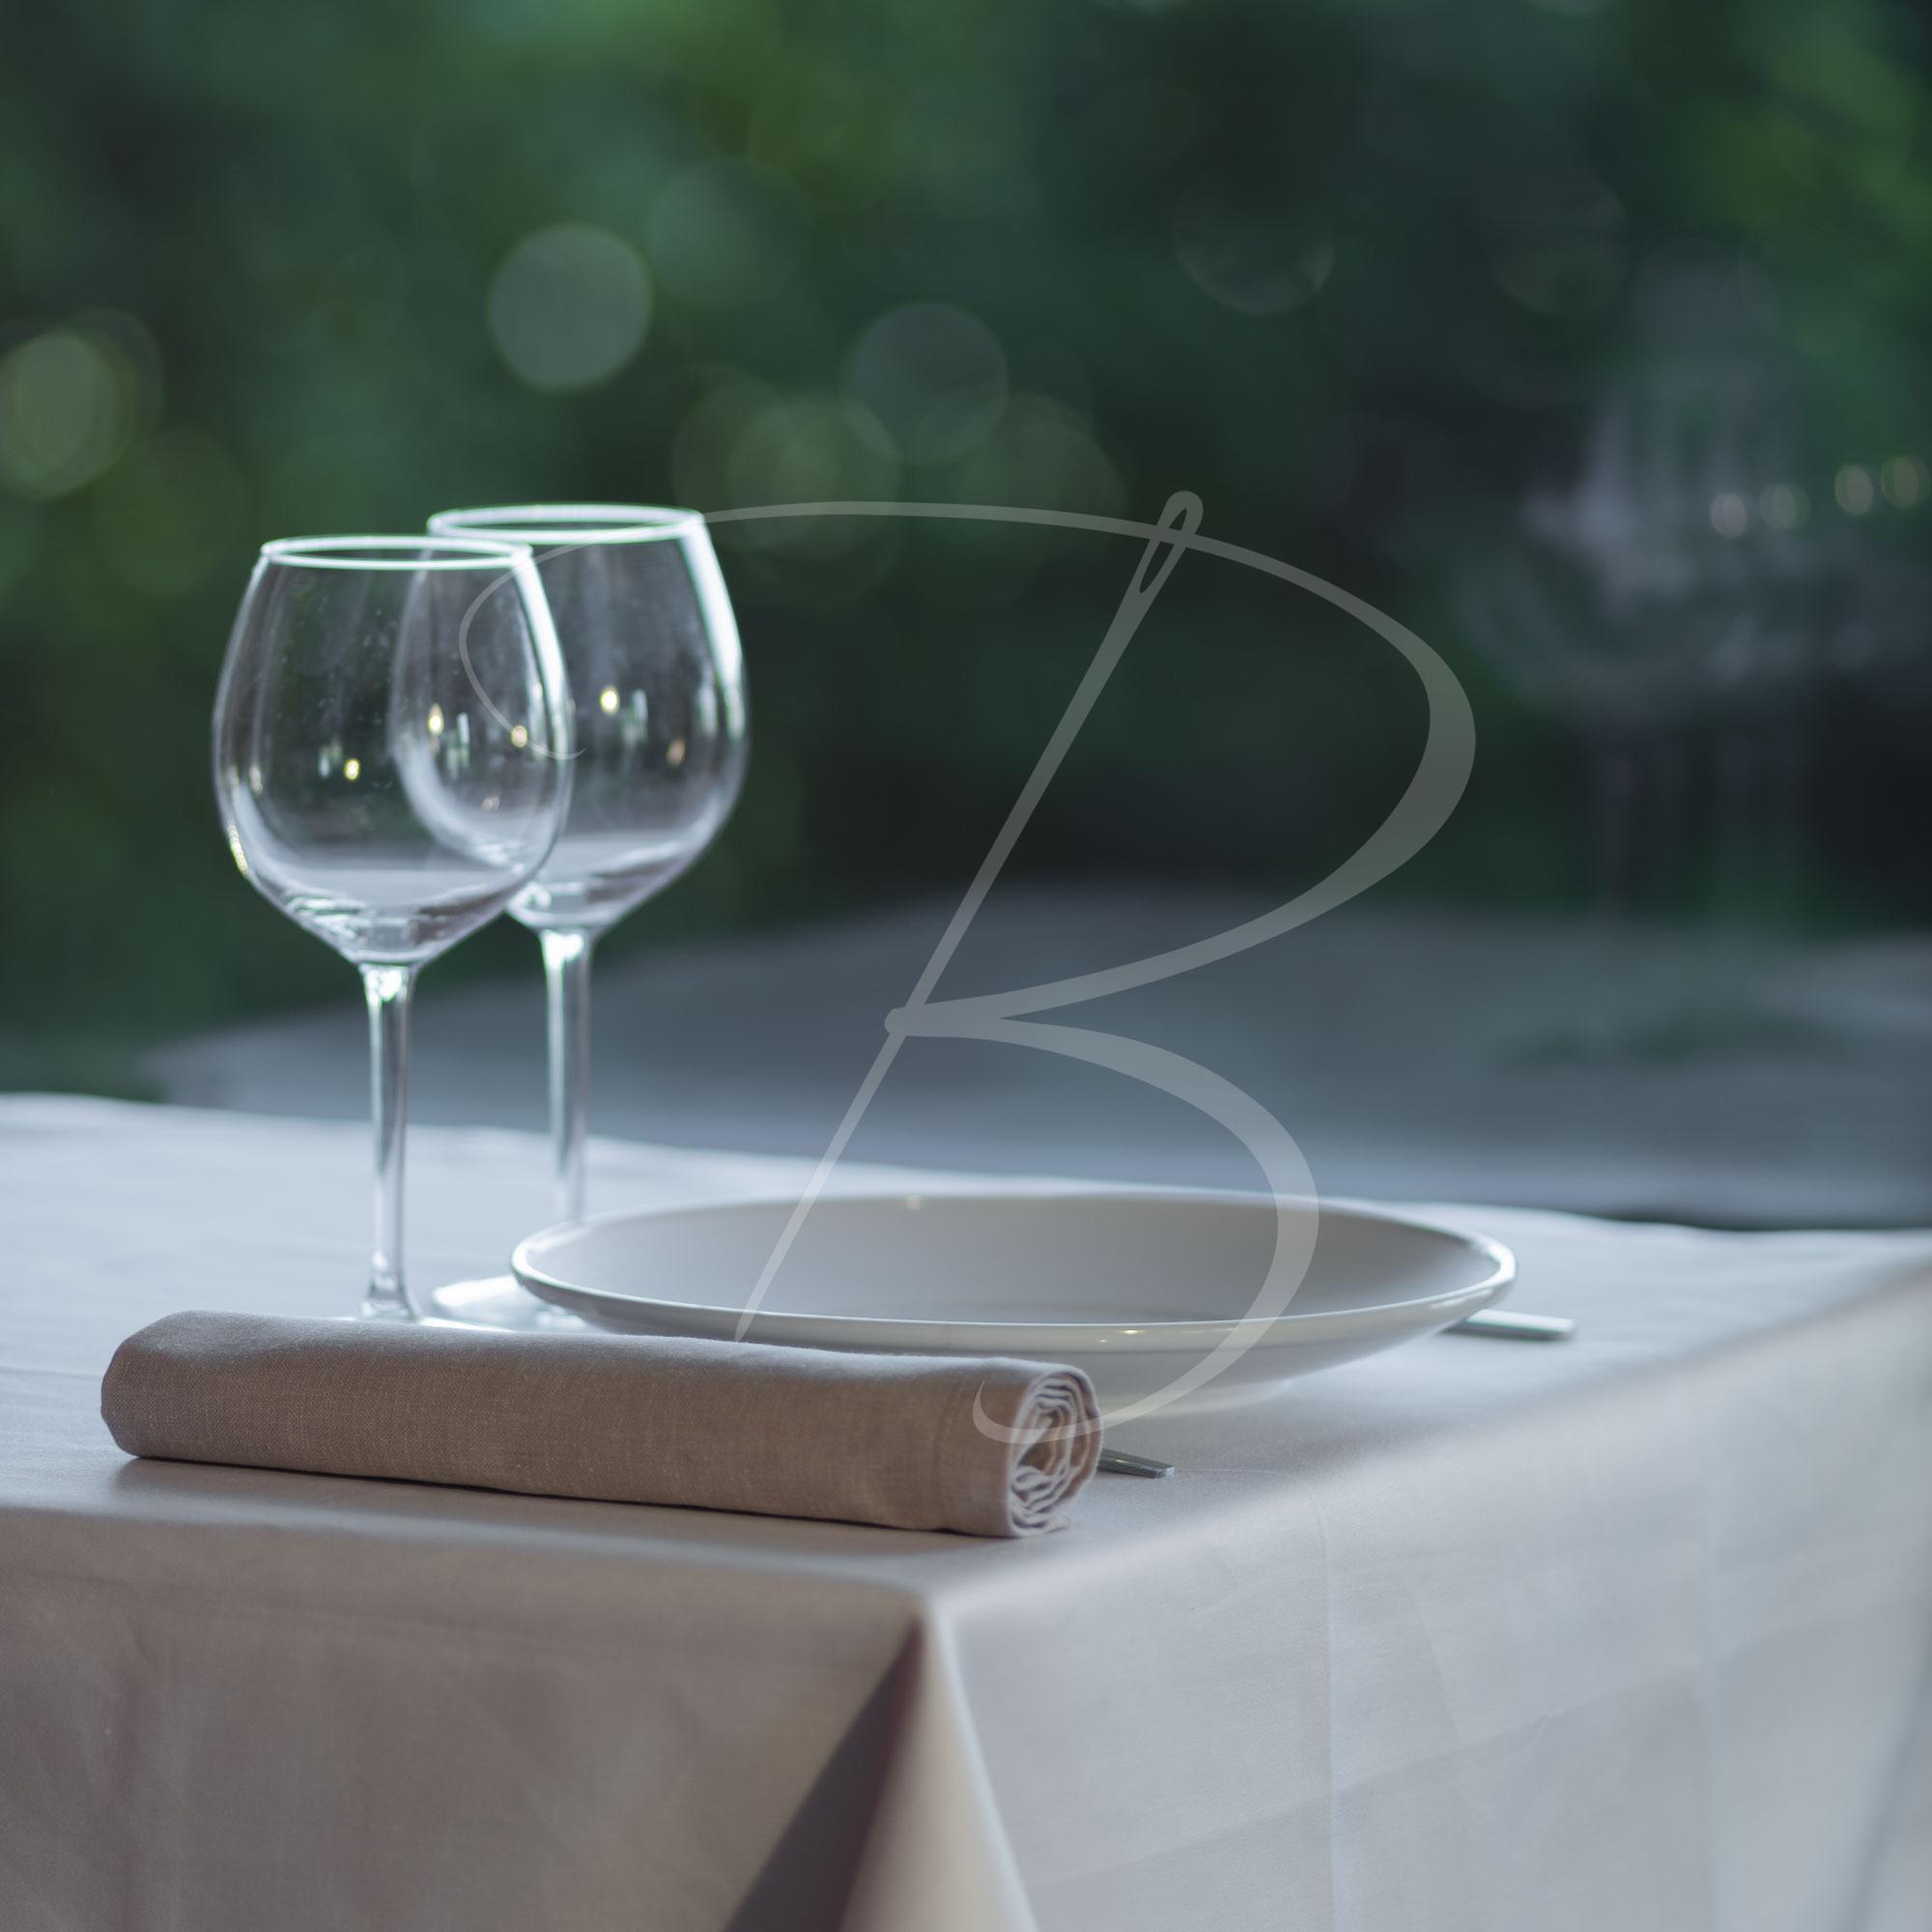 linge-table-cote-rotie-metis